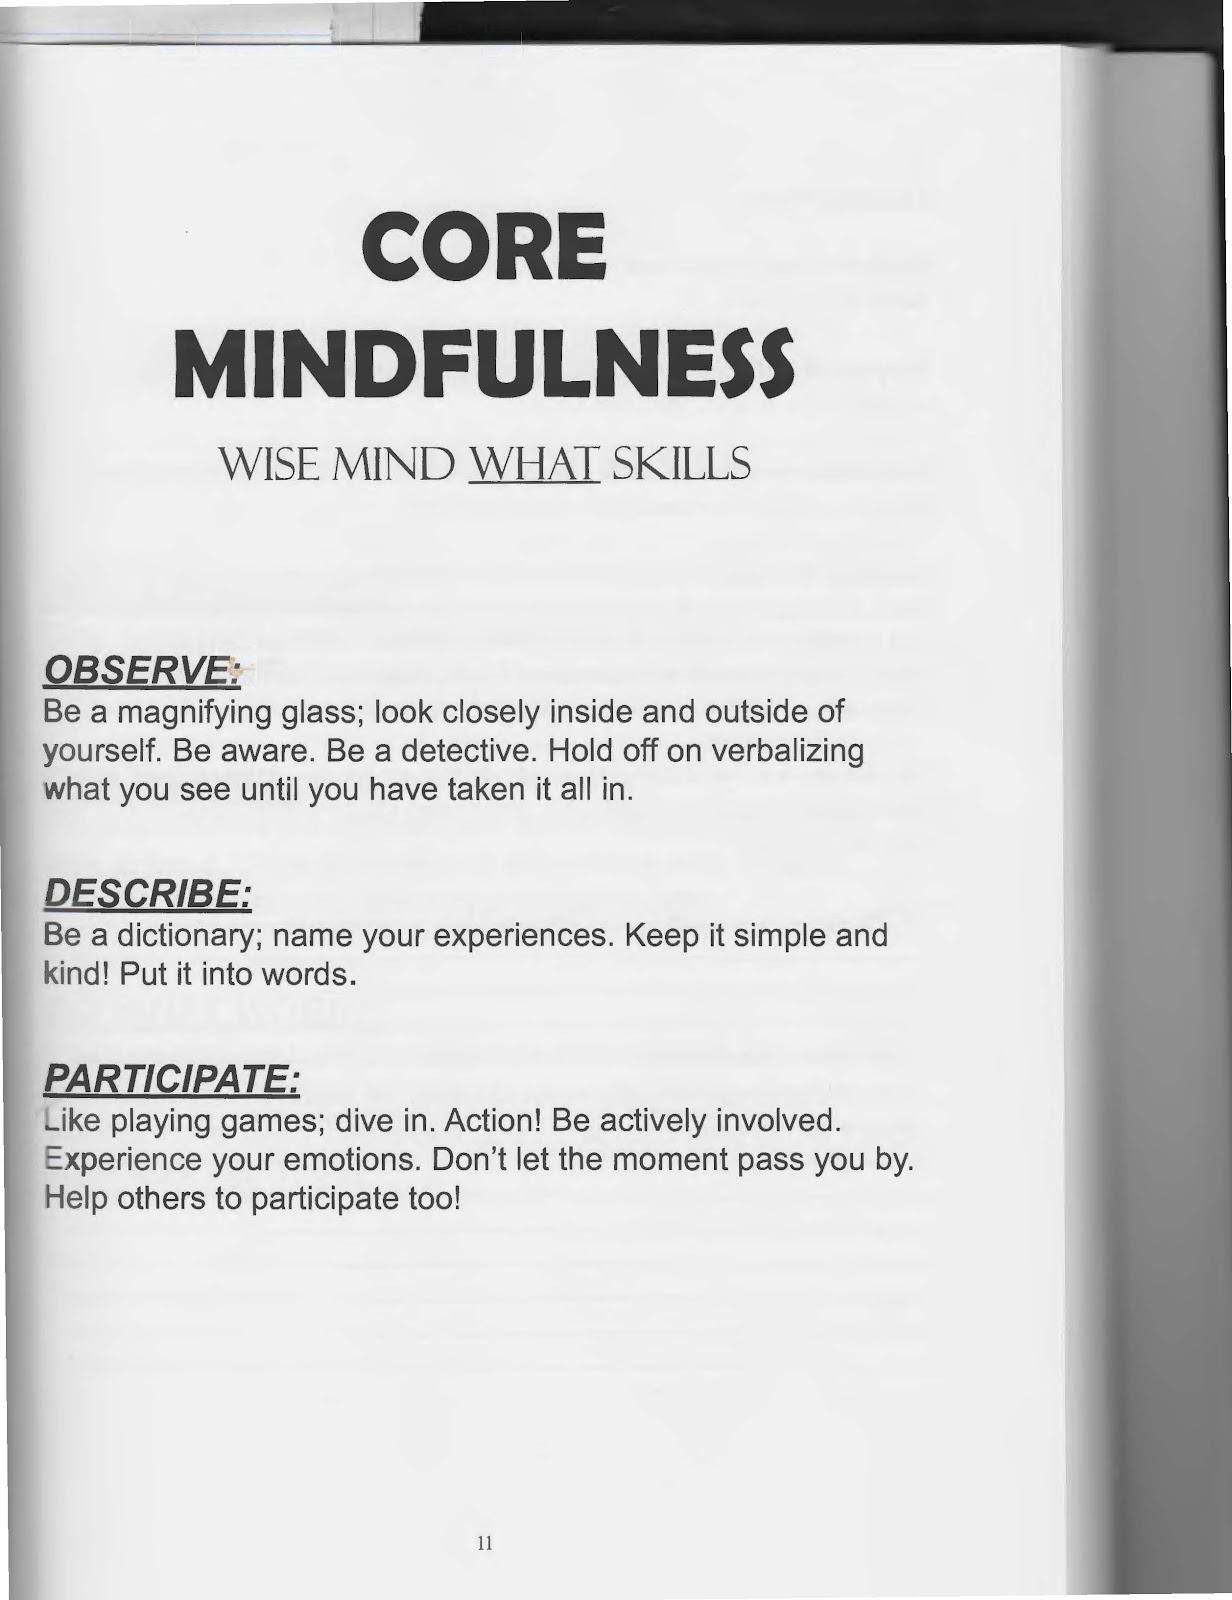 13 Best Images Of Dbt Mindfulness Worksheets